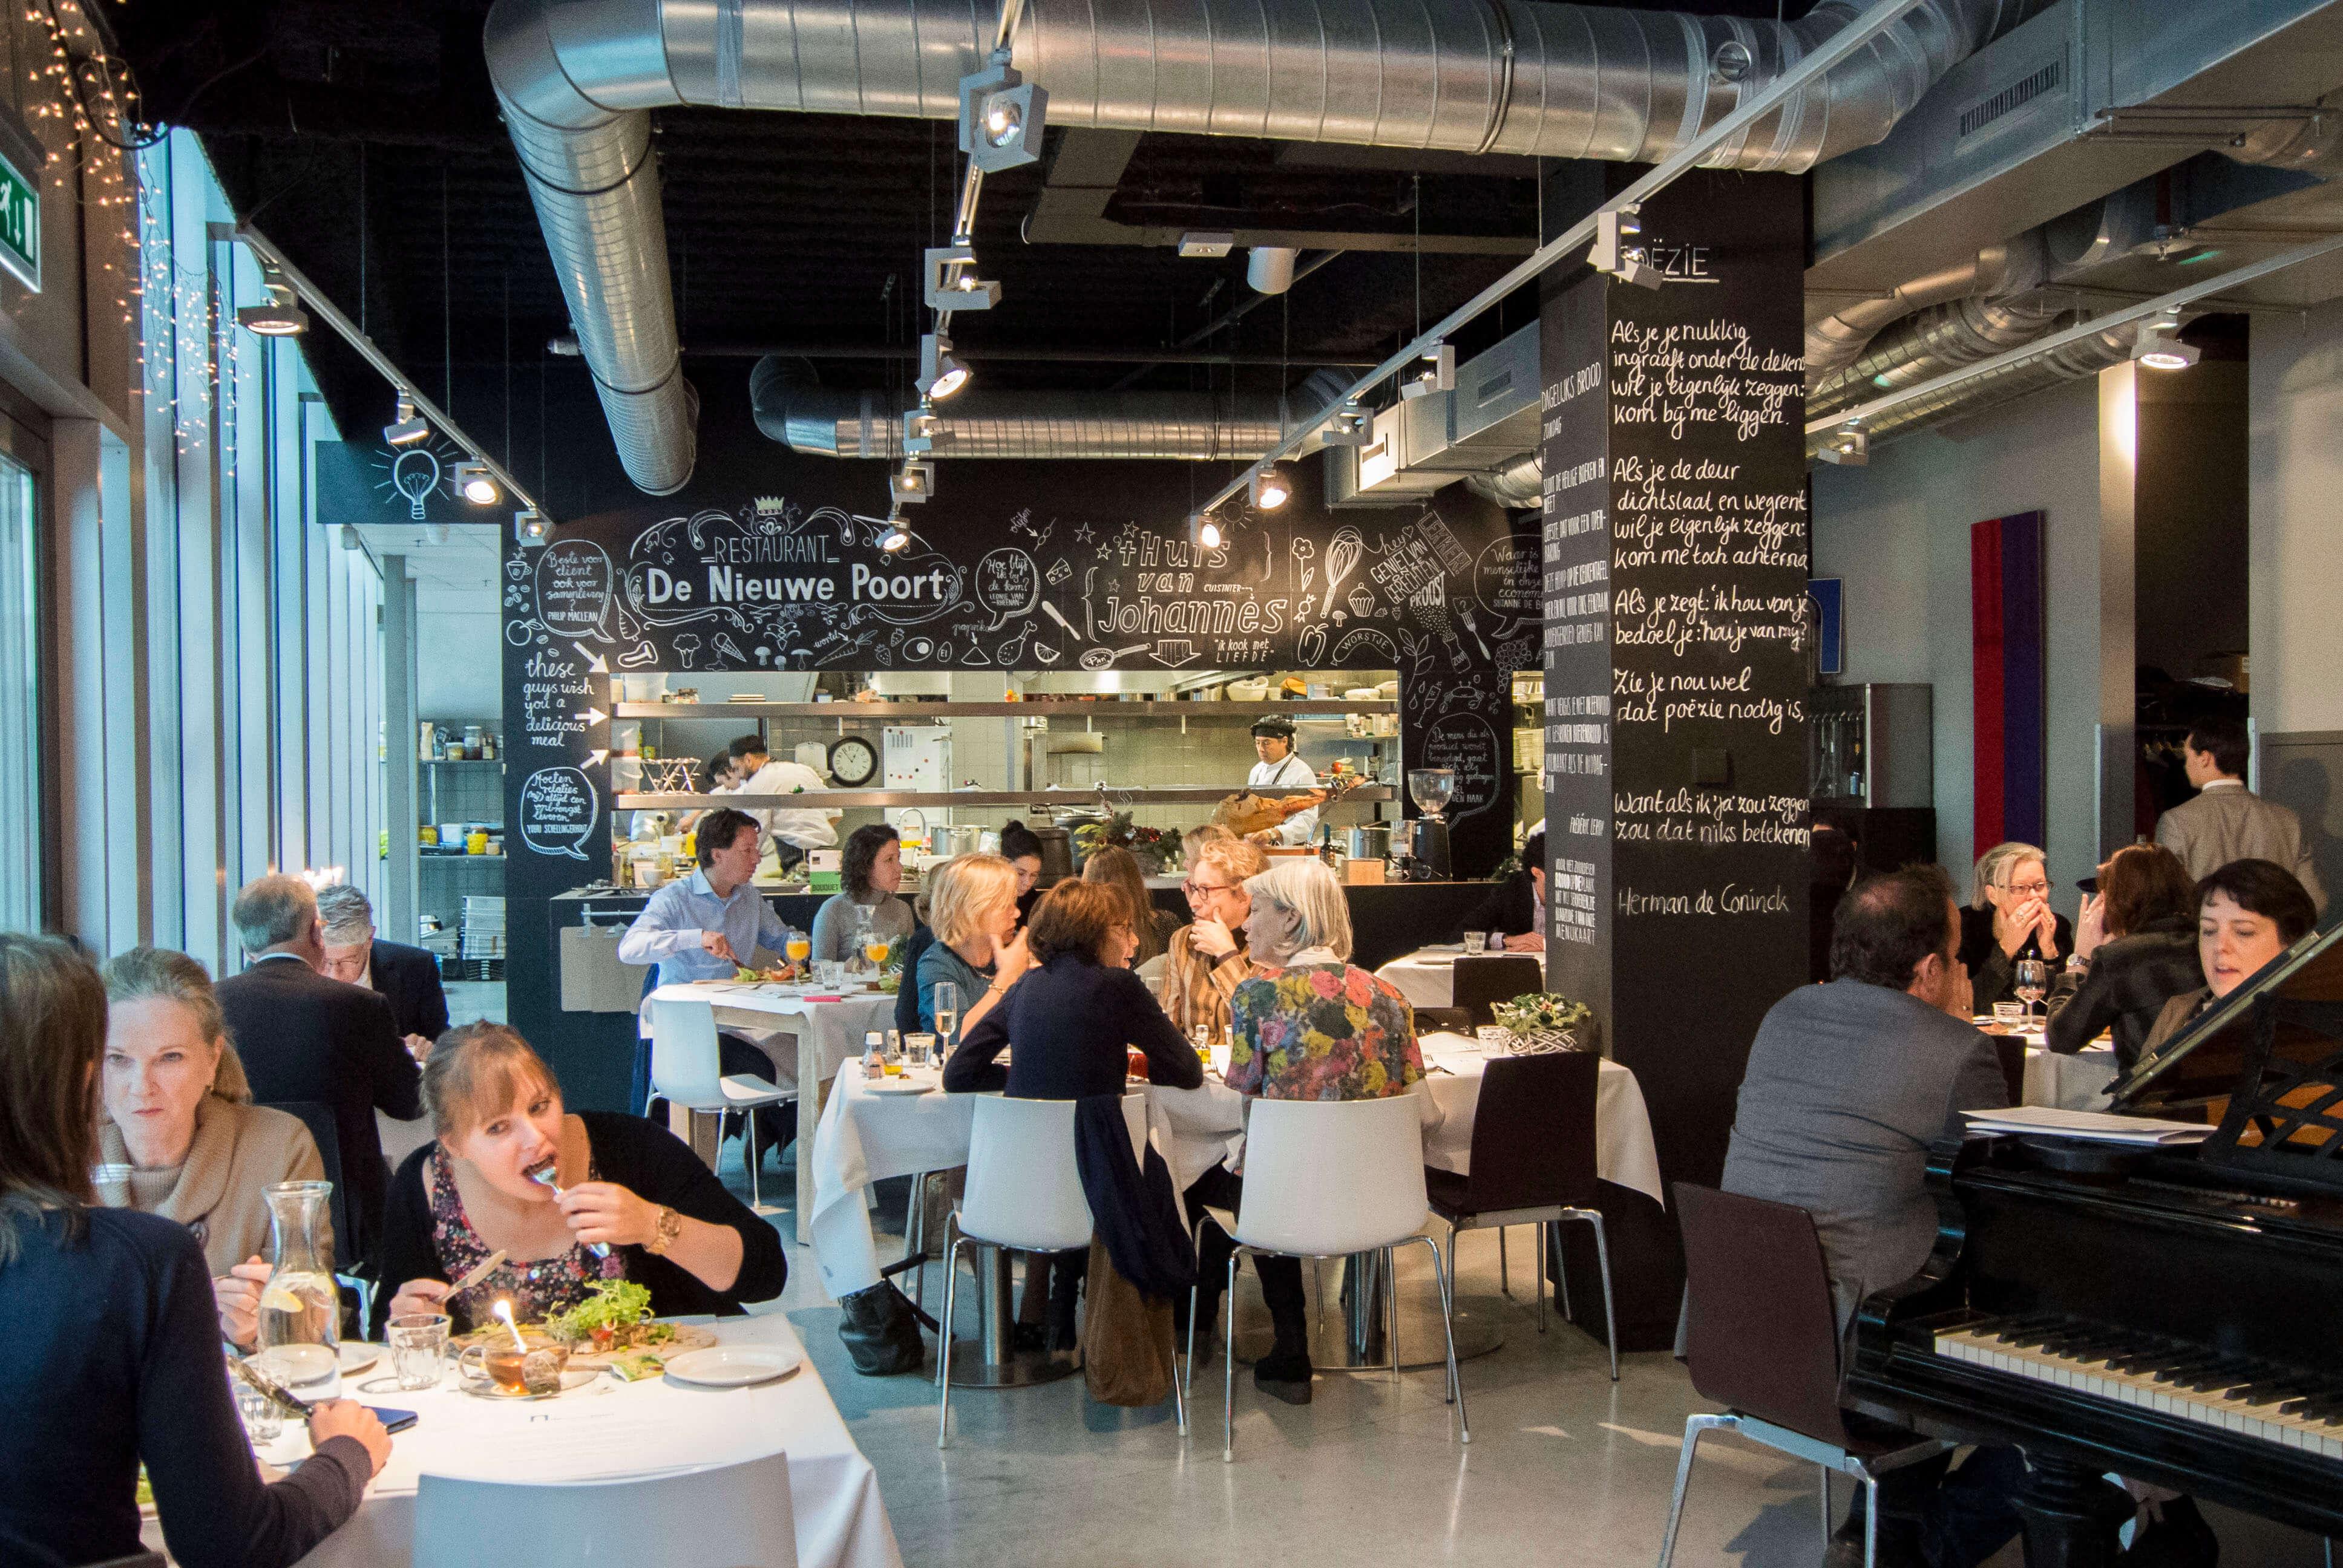 De Nieuwe Poort Amsterdam restaurant lunch vol